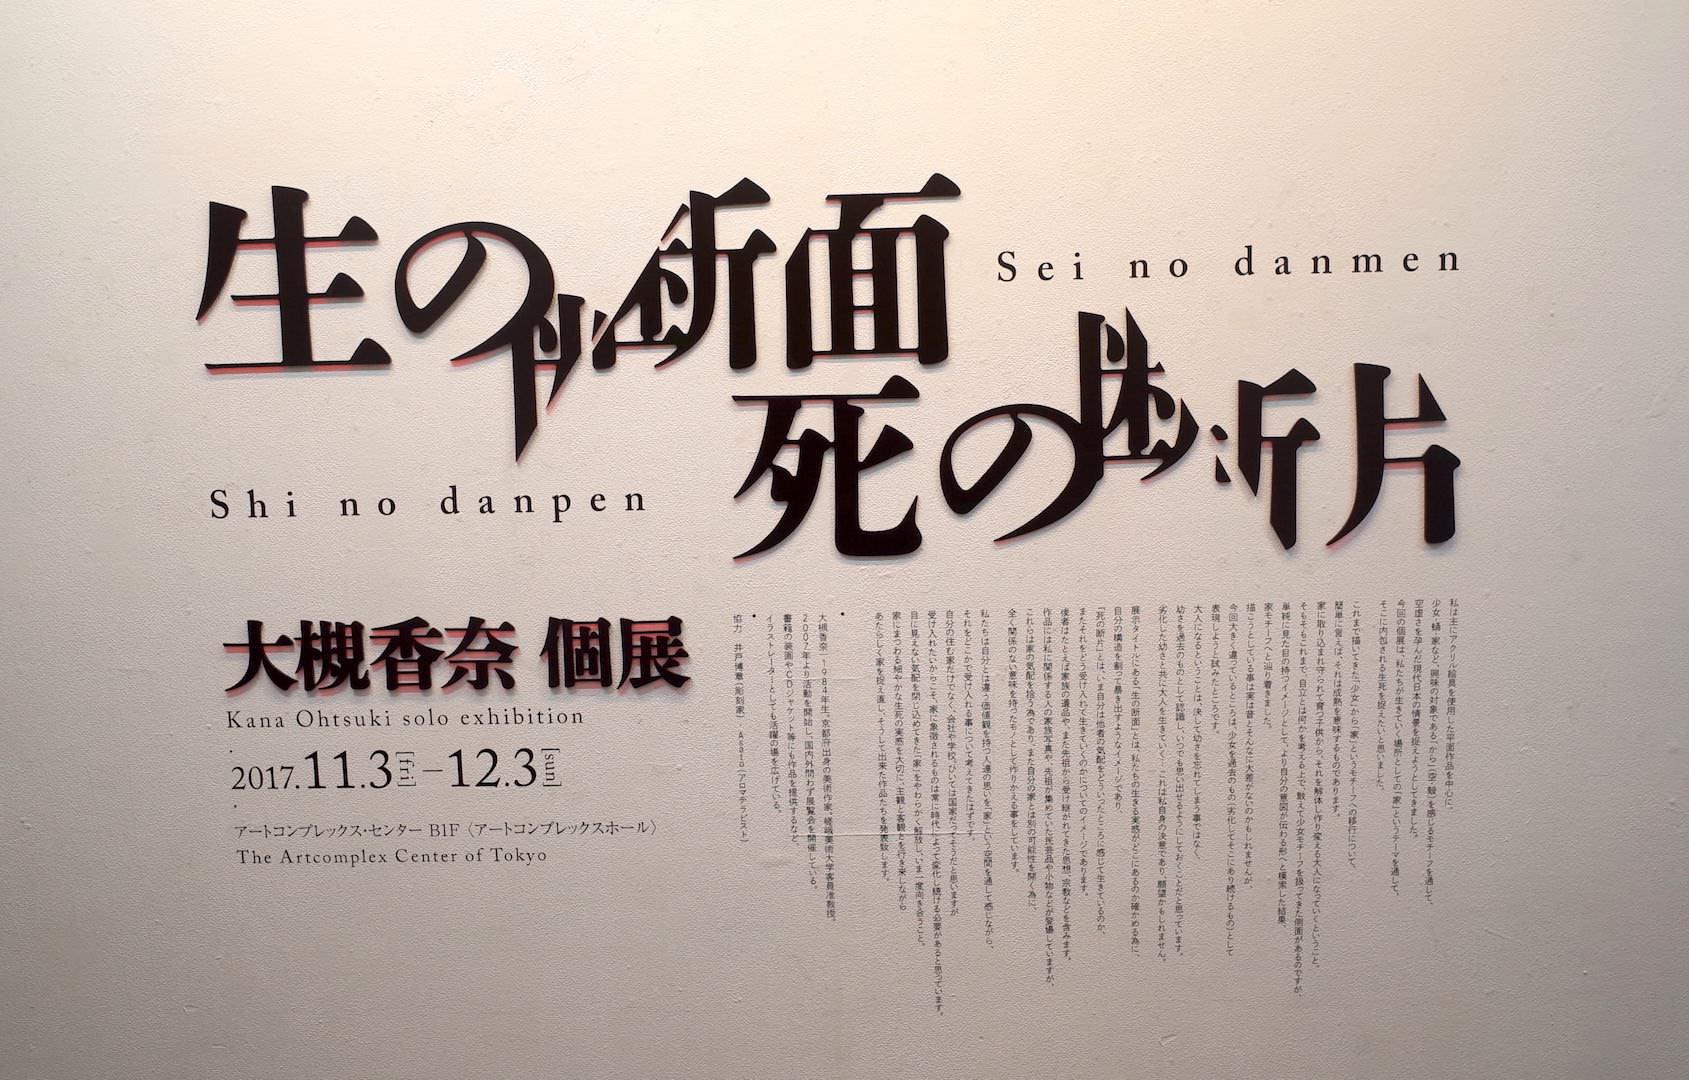 展示会入口の表示